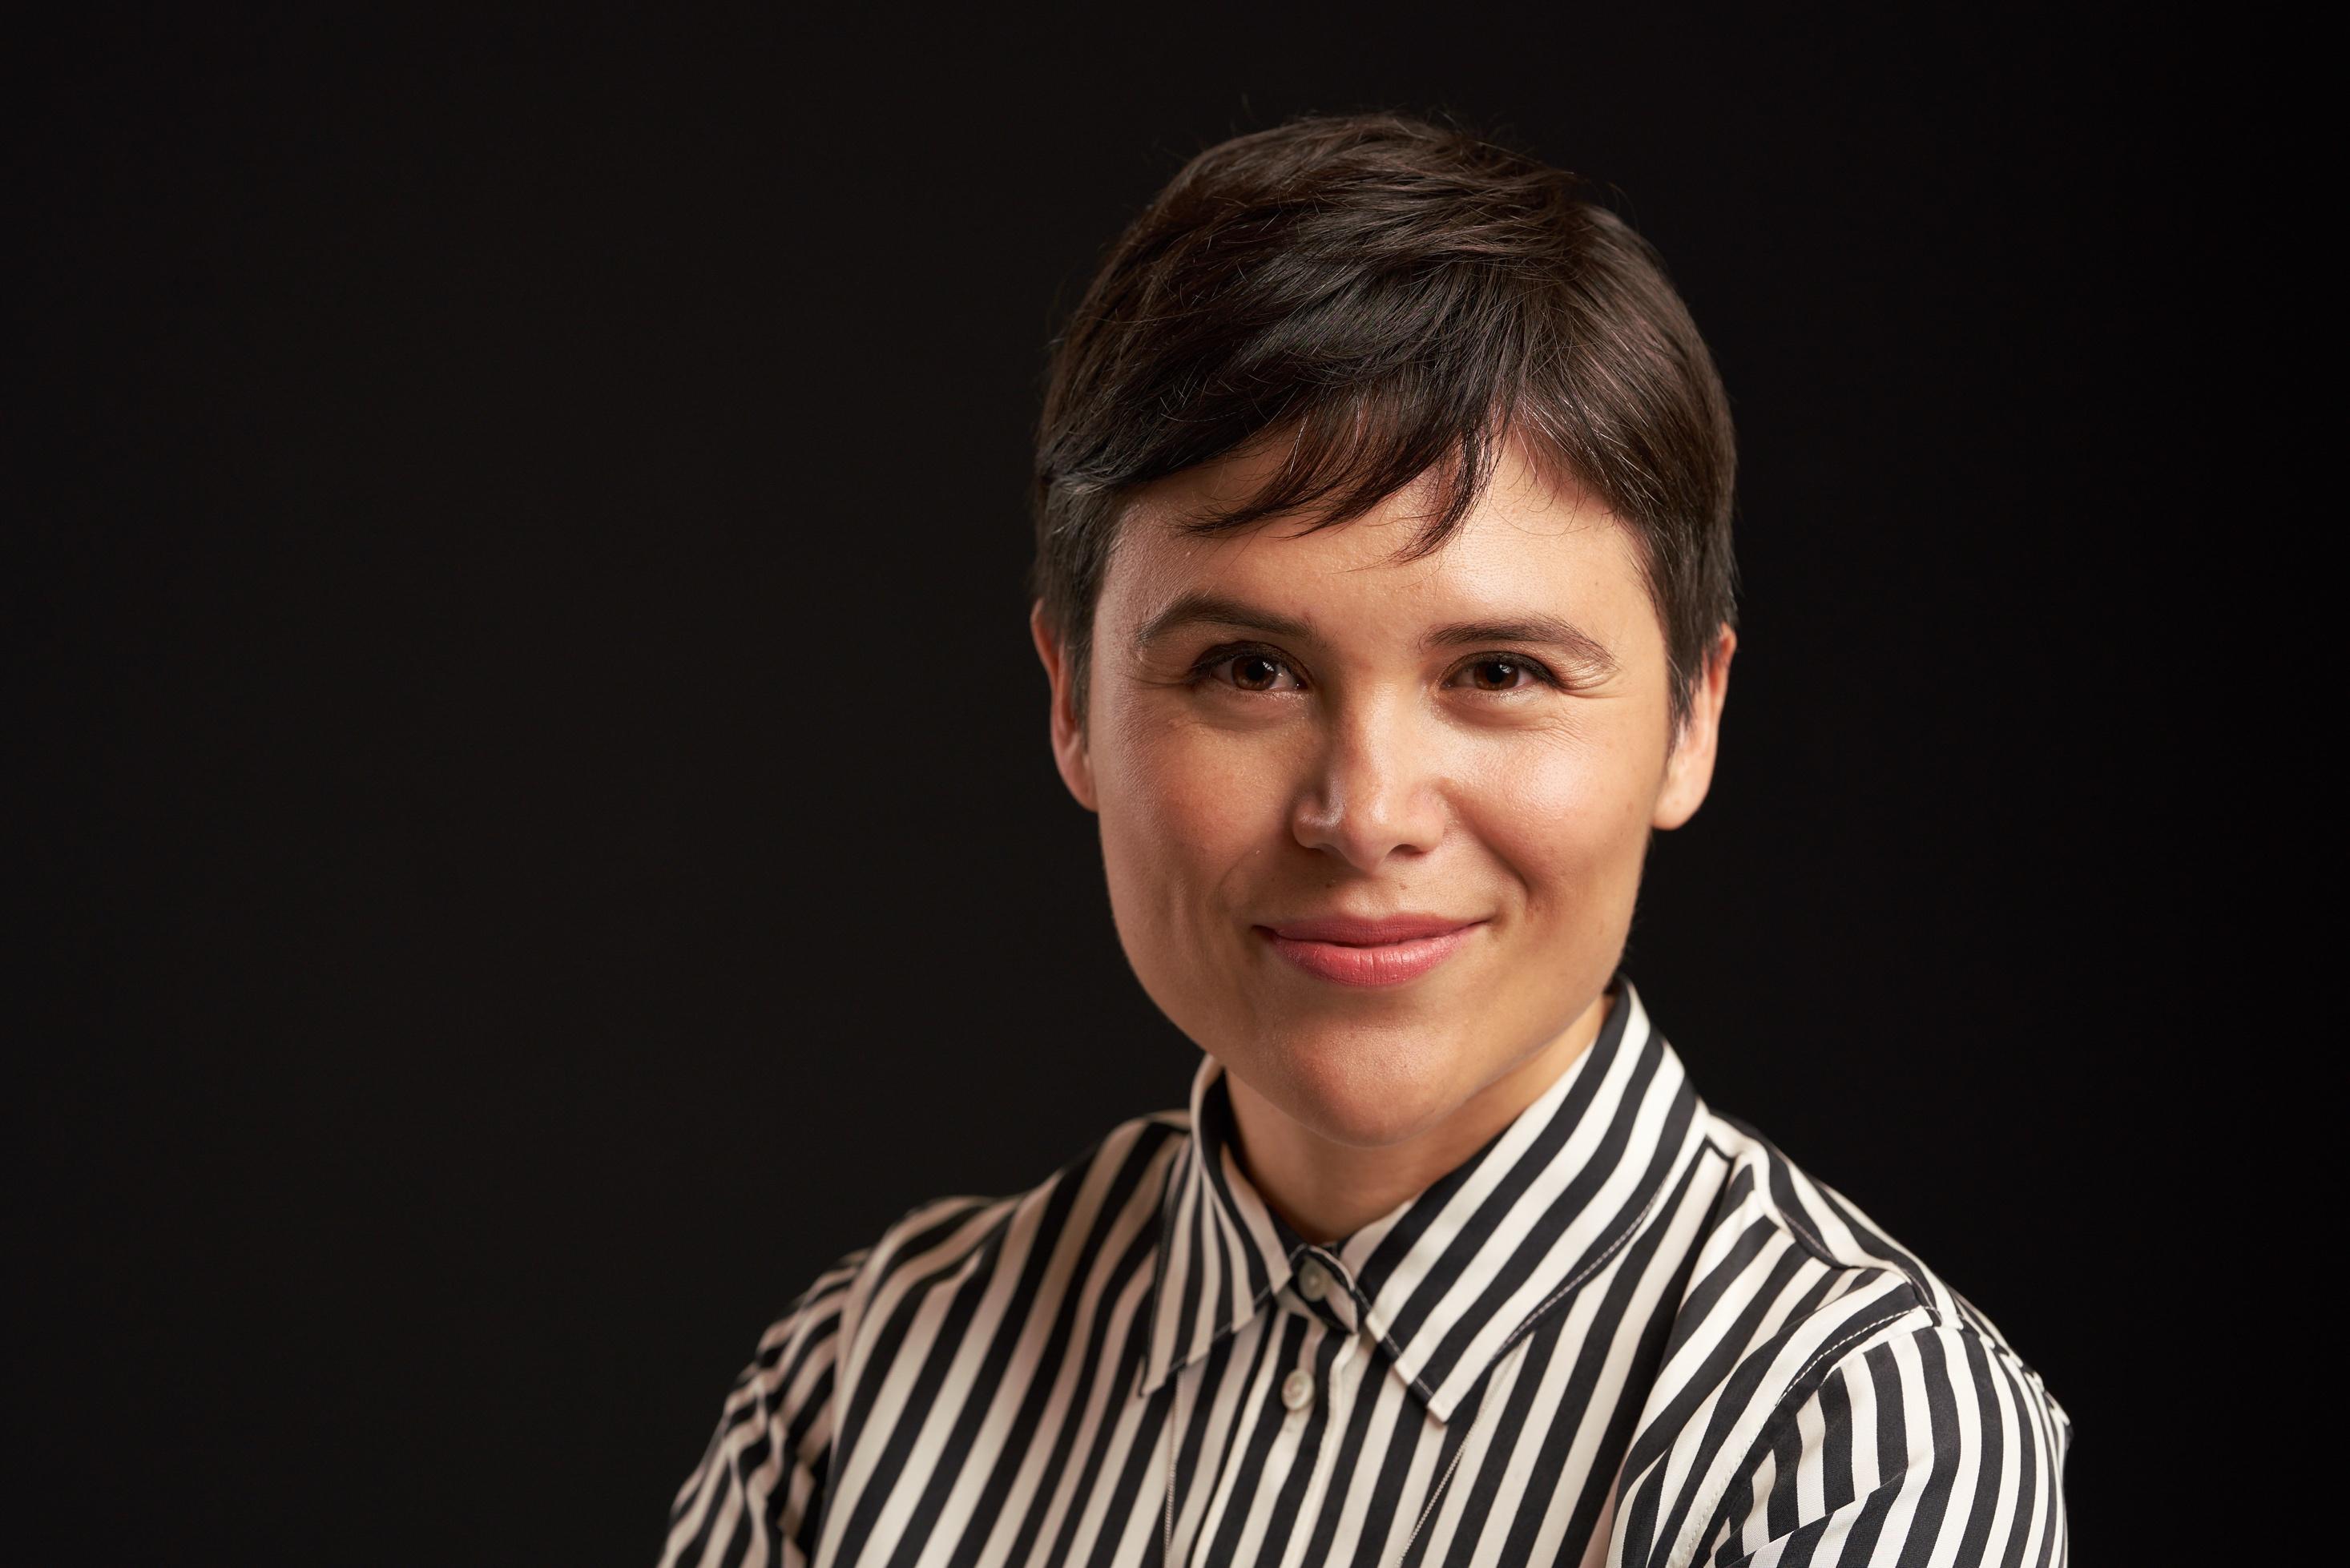 Las mujeres pueden tener una carrera exitosa en tecnología: Jimena Almendares